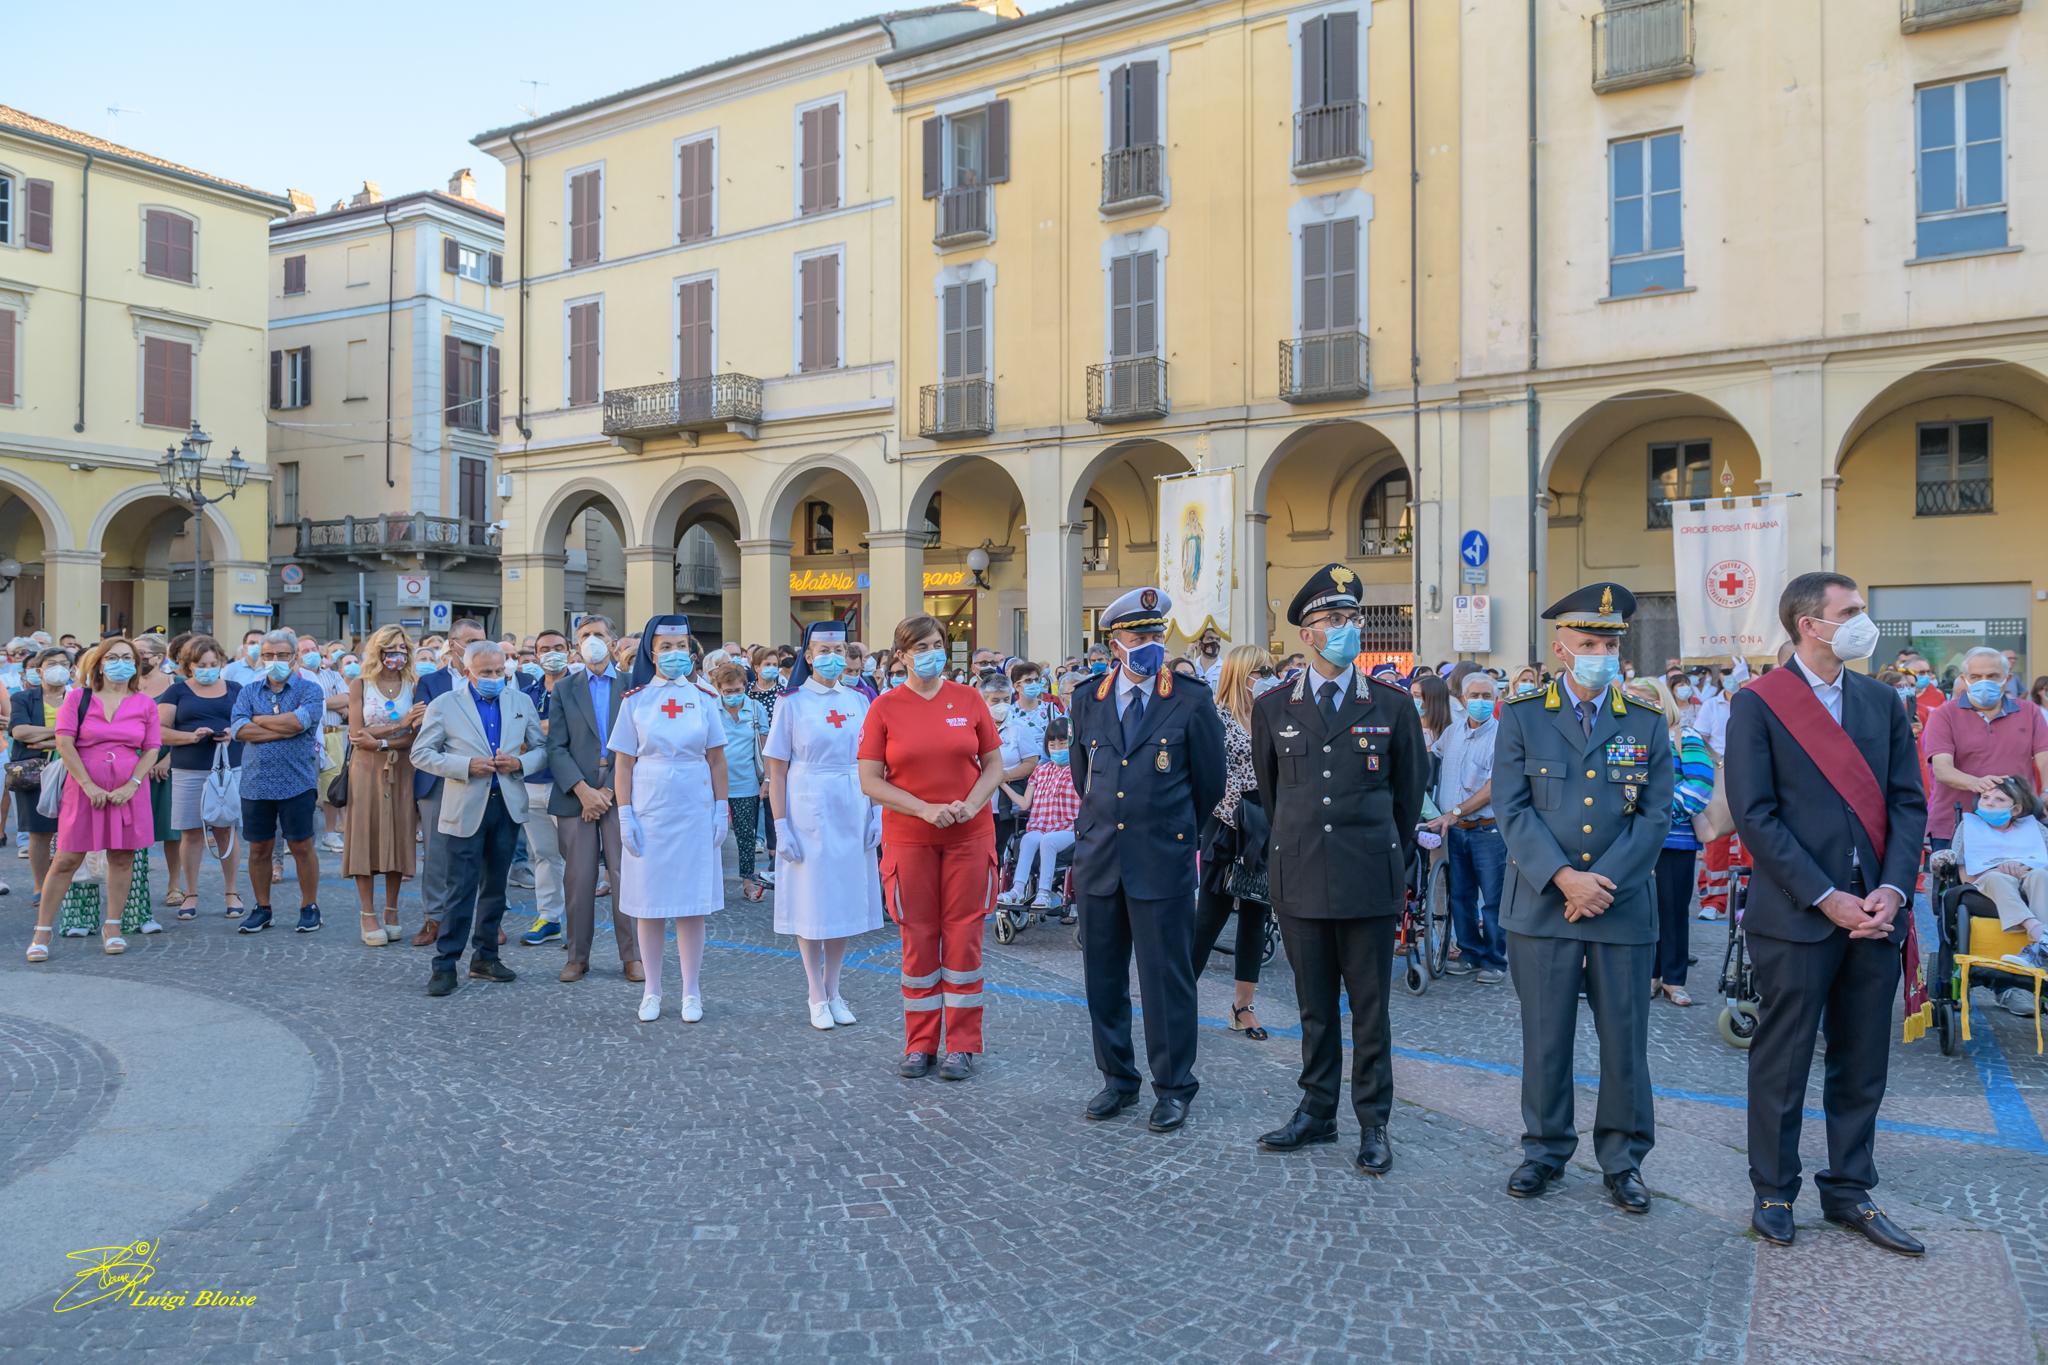 29-agosto-2021-Viola-17-e-processione-MdG-–-FOTO_mdg_-213